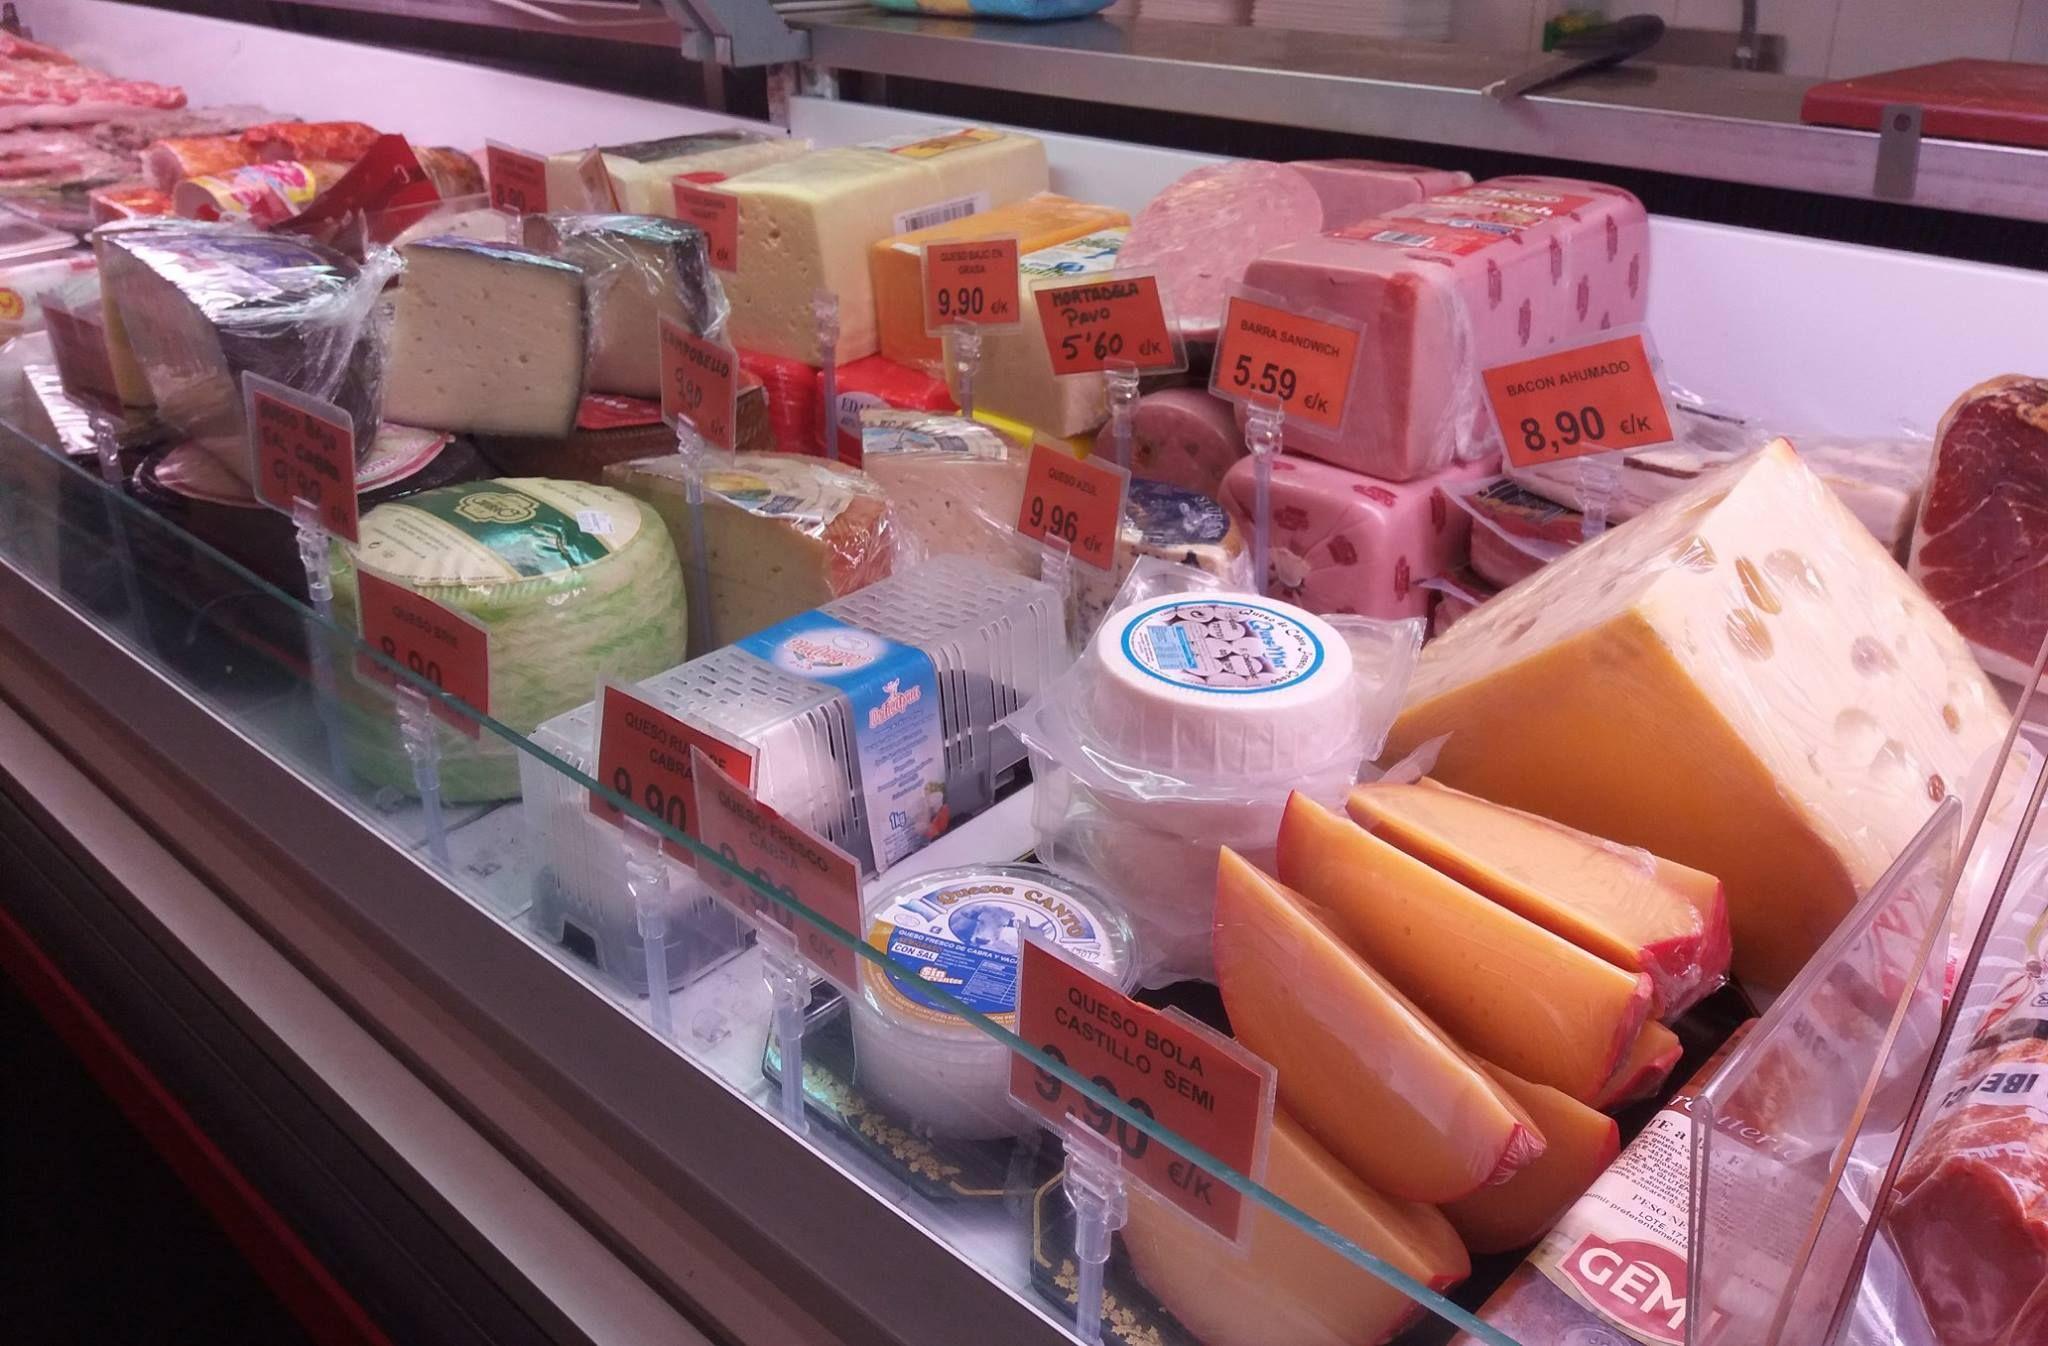 Quesos: Productos de Casa Rafa Carnicería Charcutería